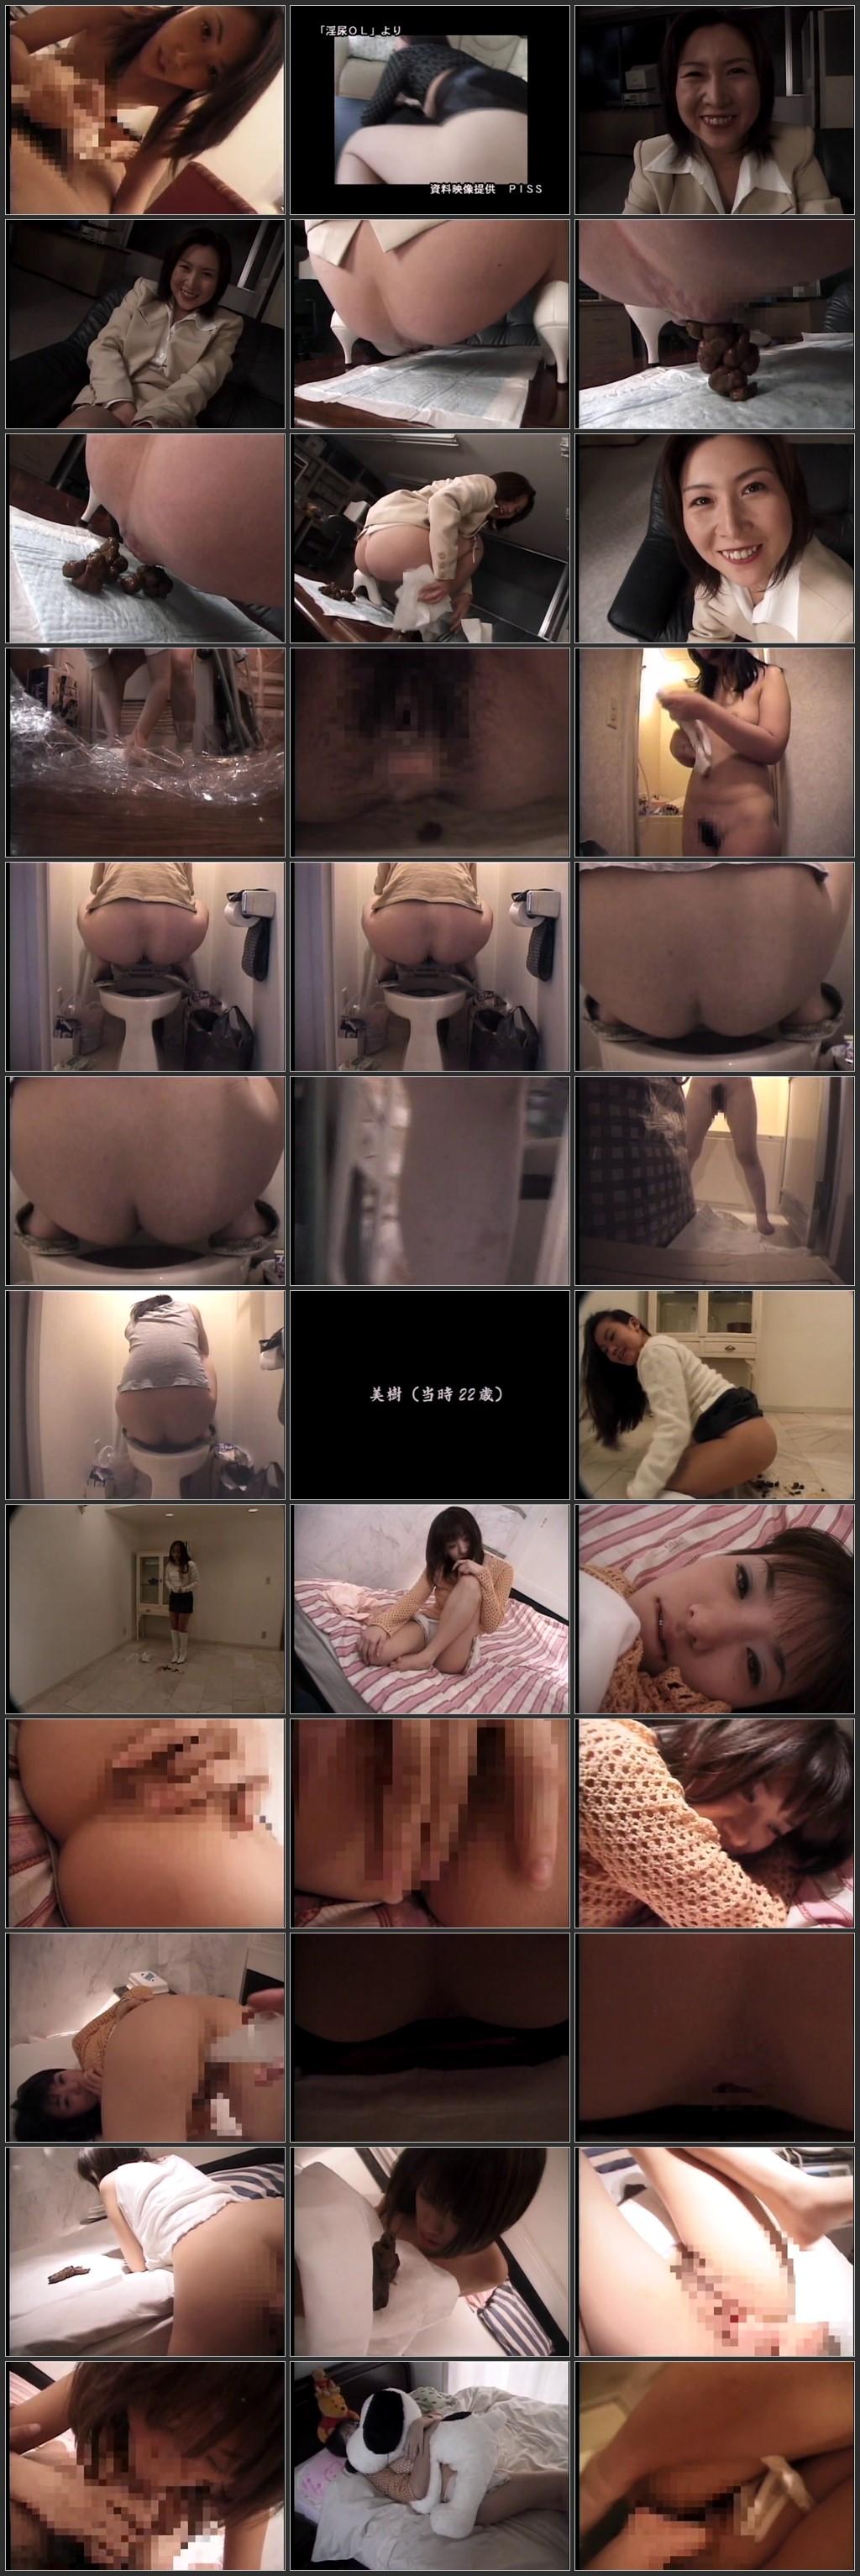 [MBX-008] - 排泄視姦 弐辱め スカトロ 脱糞